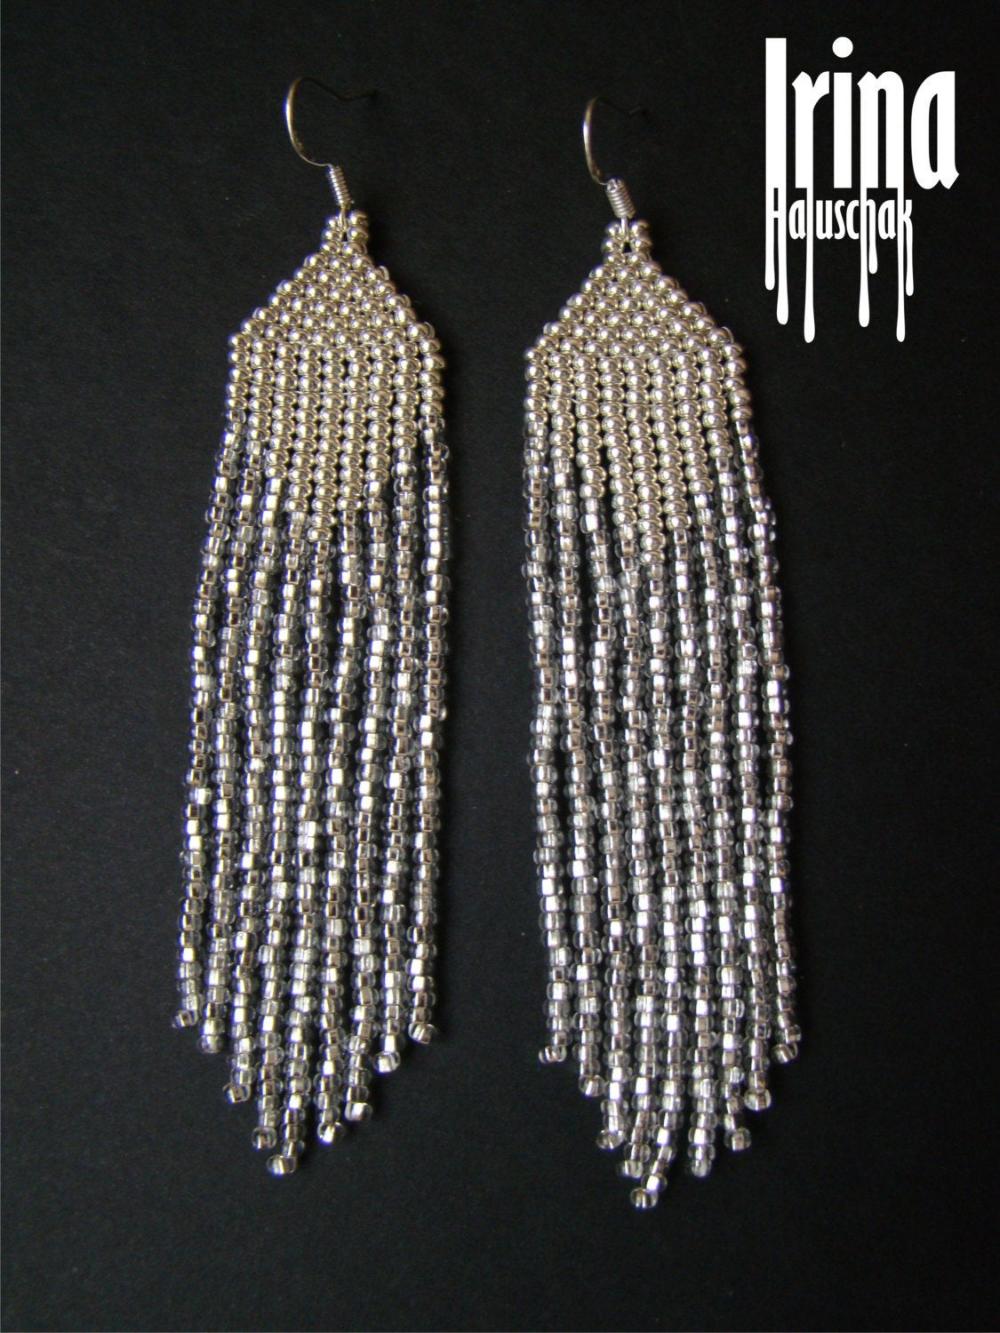 Crystal silver,fringe,tassel earrings,boho earrings,dangle earrings,translucent earrings,beaded earrings,seed beaded earrings,gift for her